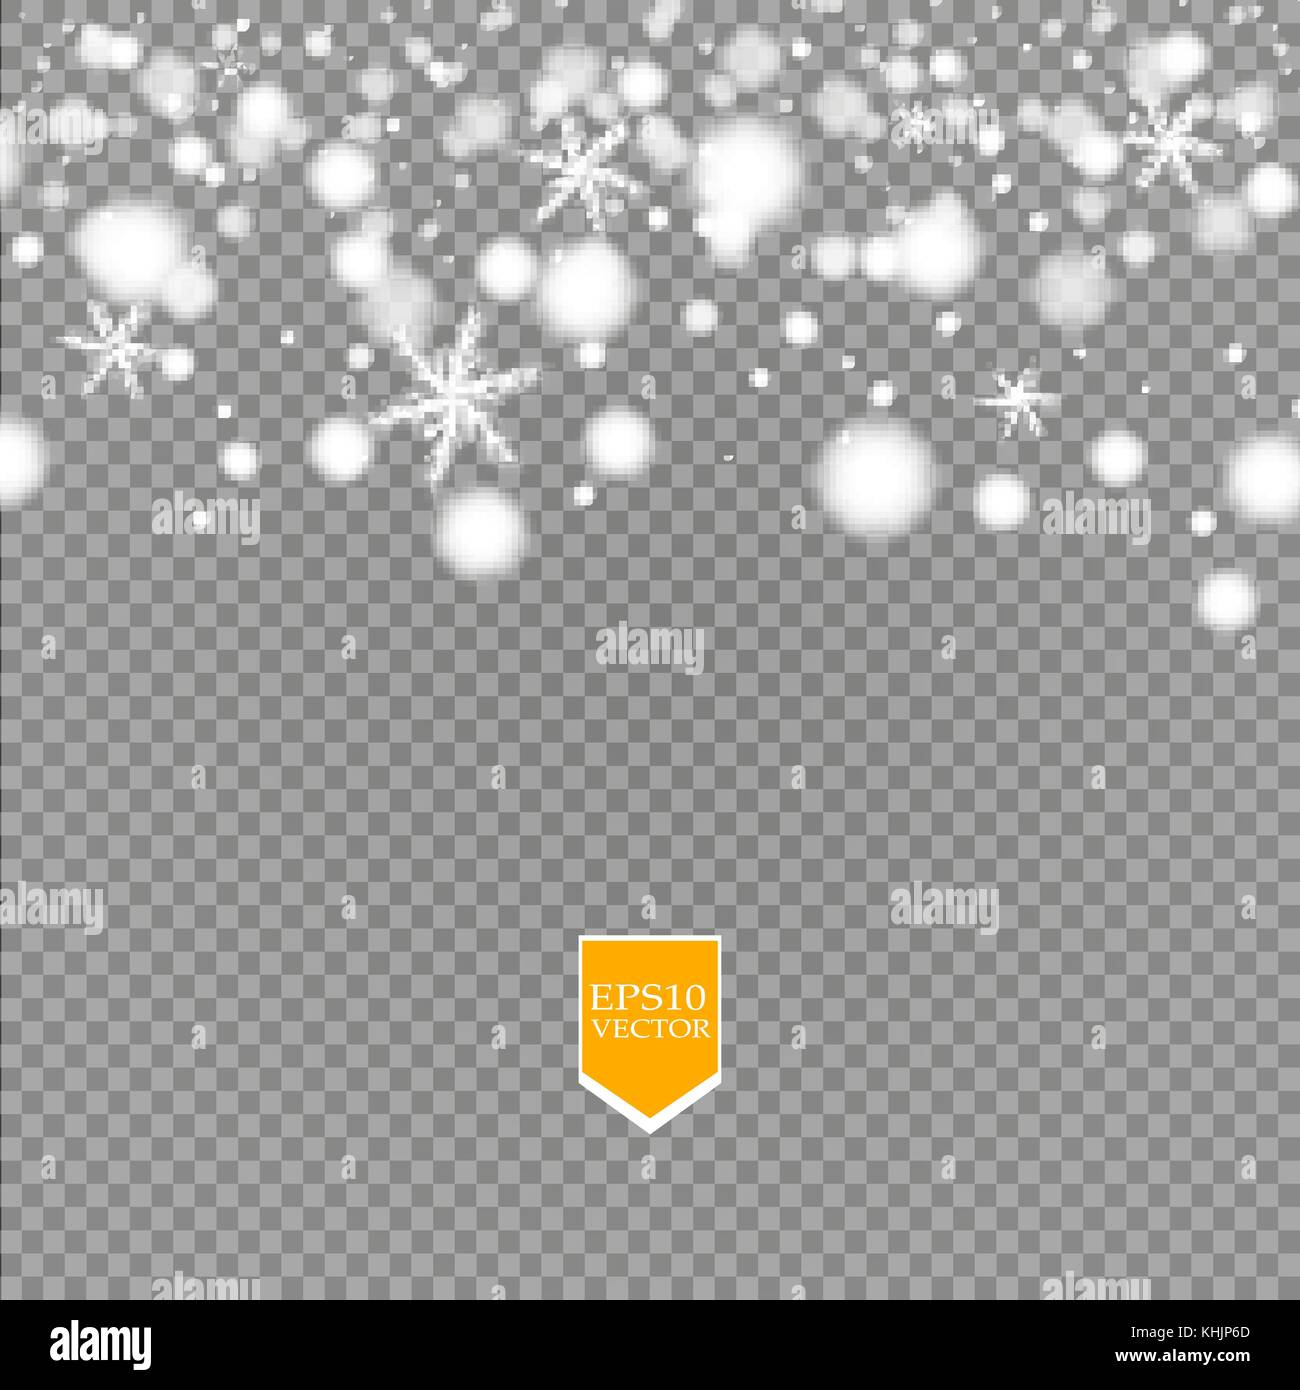 Shine bianco con fiocco di neve glitter isolato su sfondo trasparente. Decorazione di natale con spumante brillante Immagini Stock